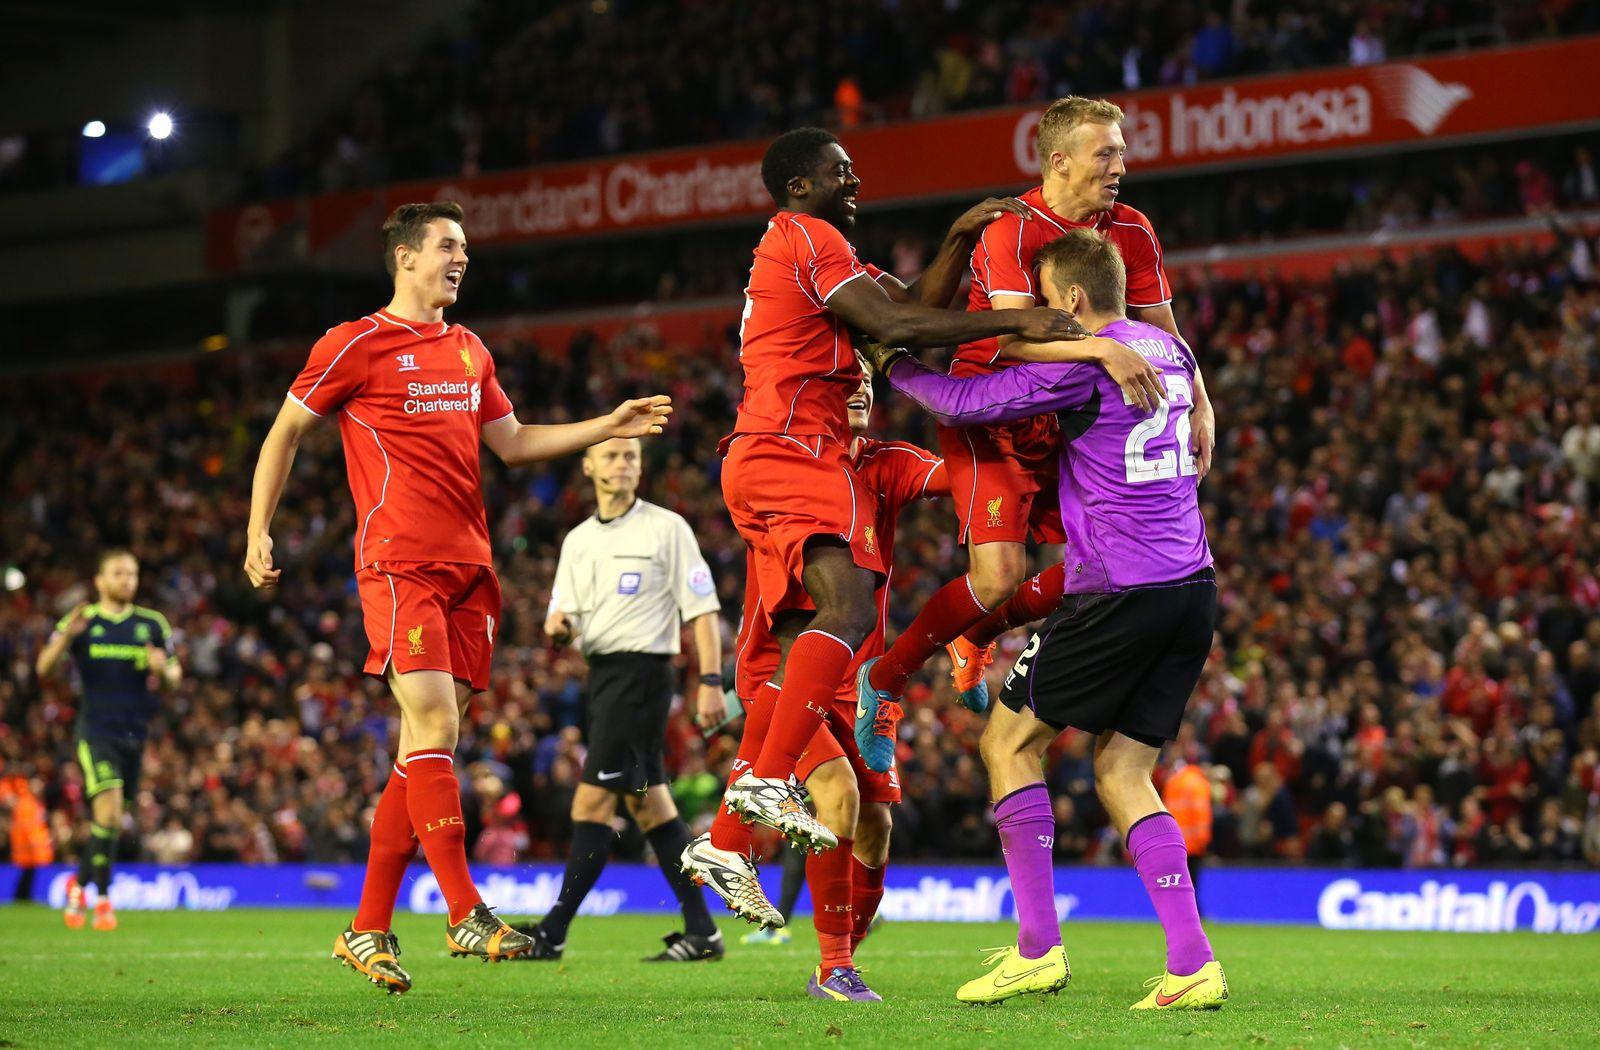 Liverpool Jubel nach Elfmeterschießen